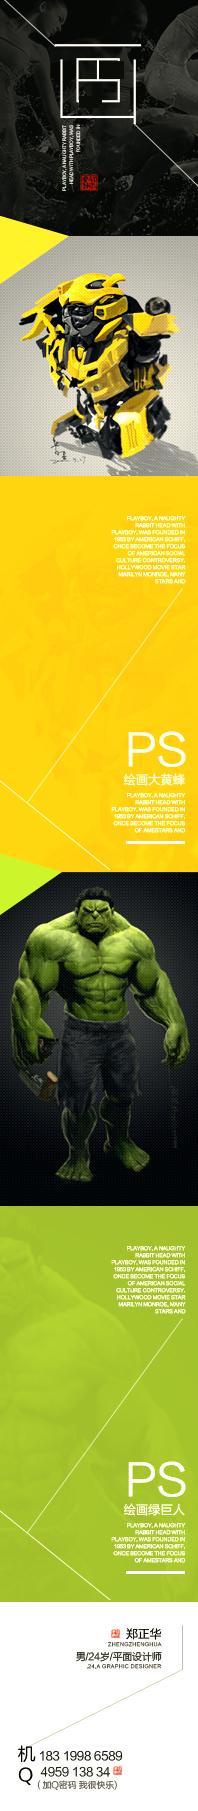 2014天貓頁面平面海報視覺創意排版設計ps專業繪畫